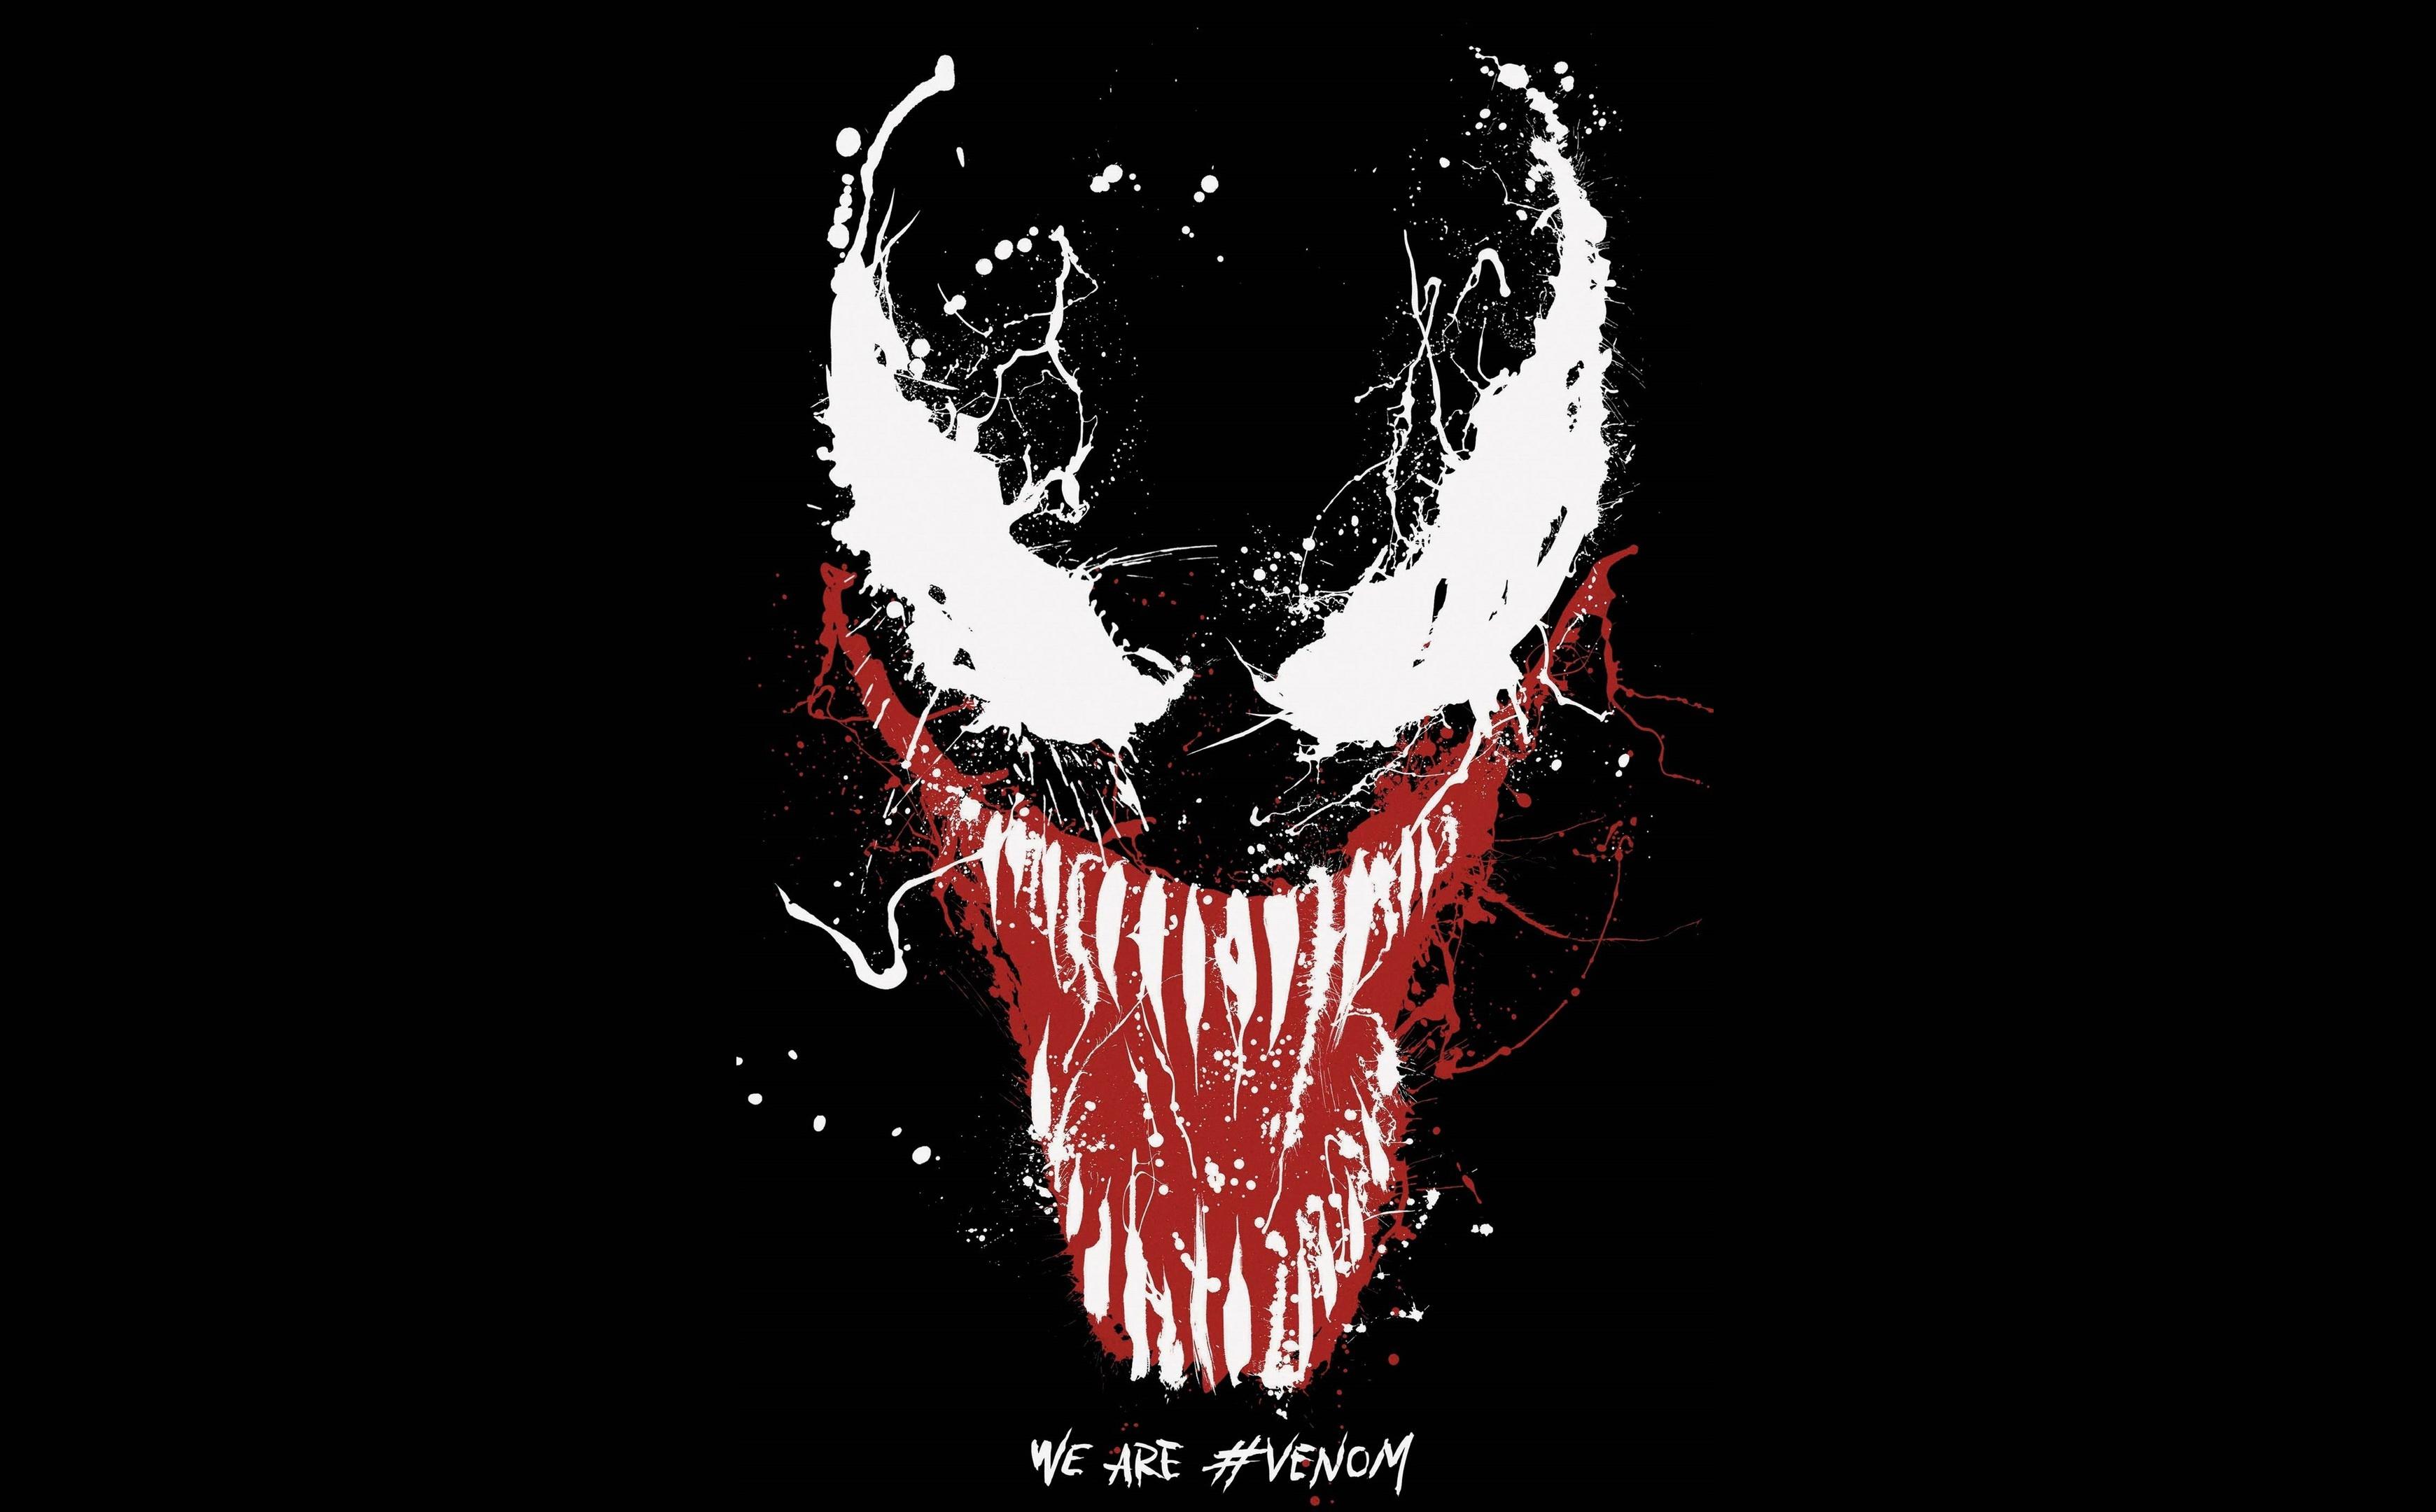 Venom Hd Wallpaper Hintergrund 3480x2160 Id 992611